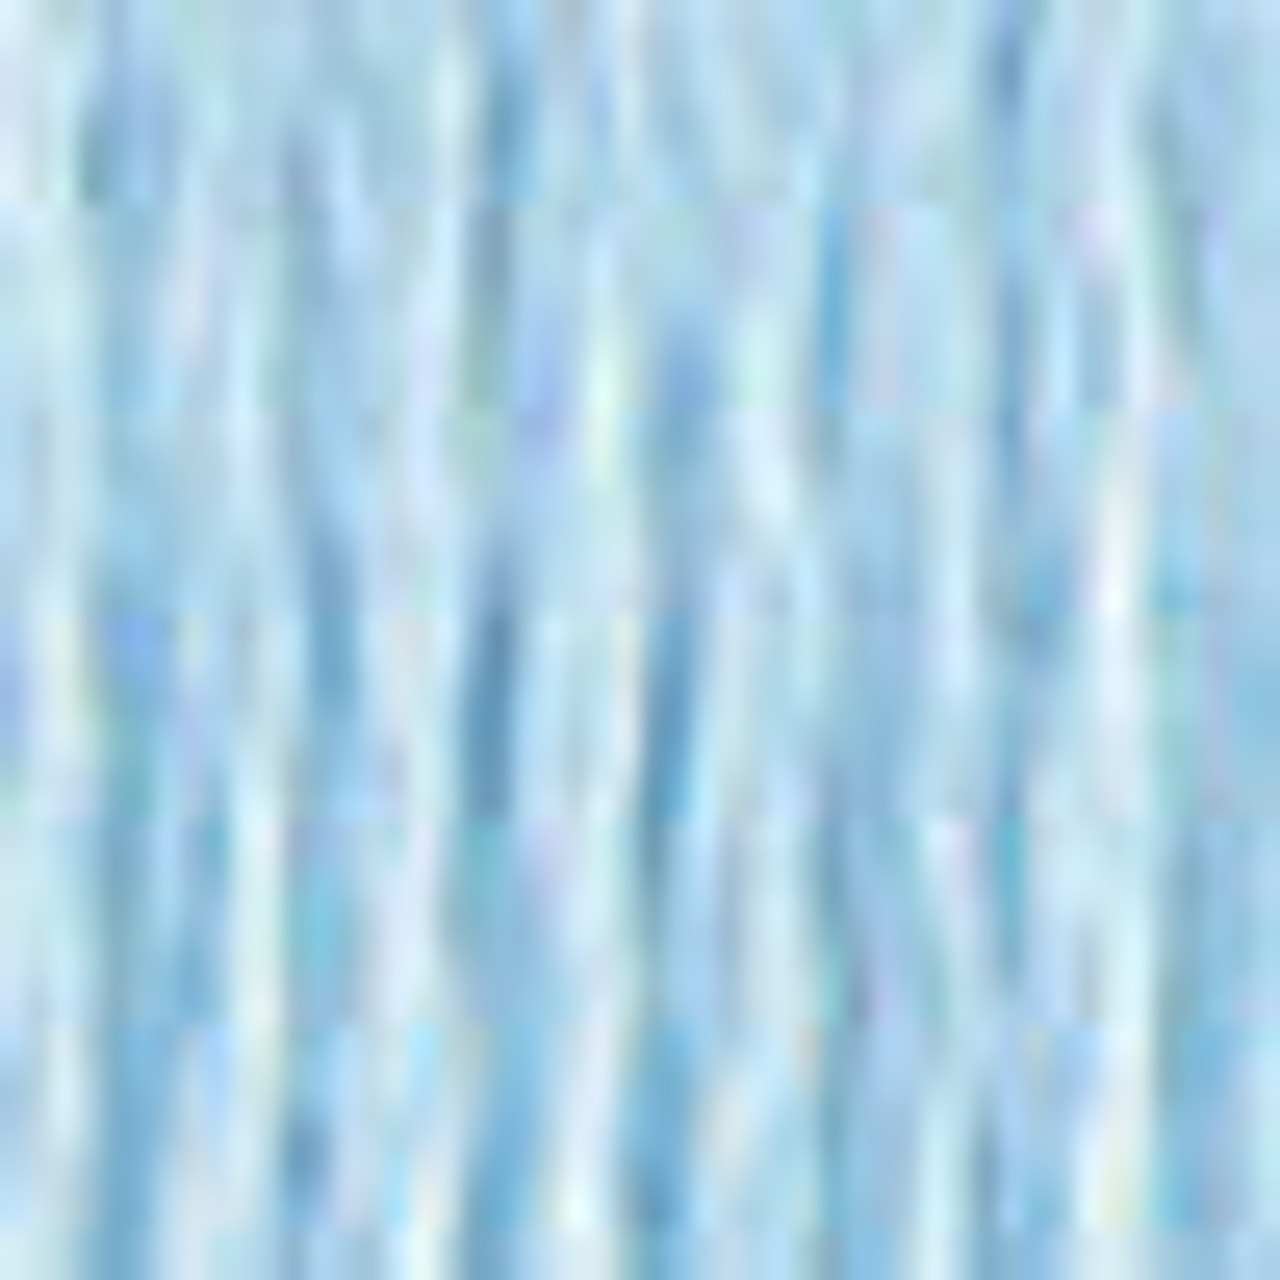 DMC # 800 Pale Delft Blue Floss / Thread